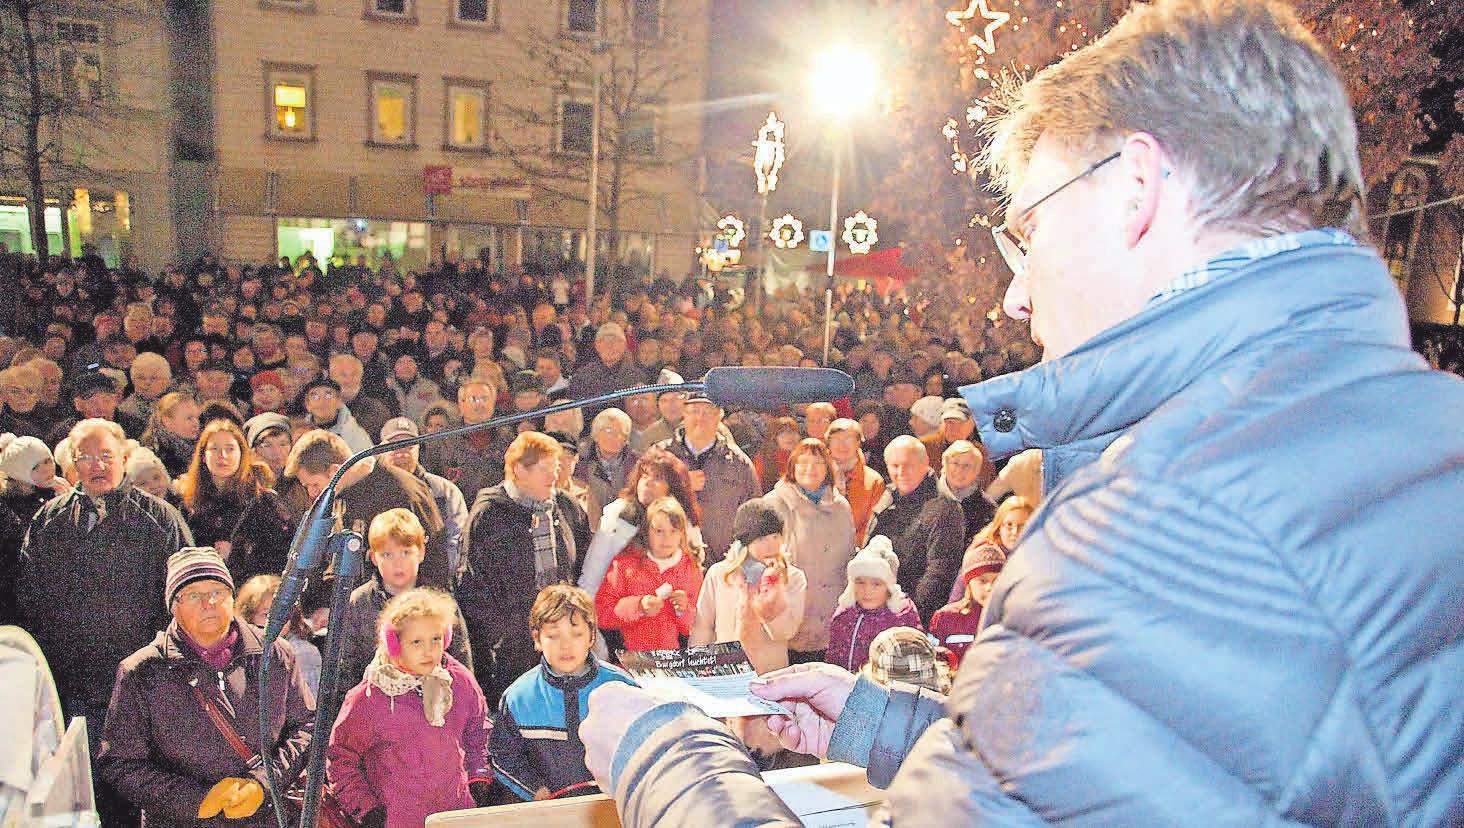 Heiko Nebel, Vorstand der Stadtsparkasse Burgdorf, moderiert die große Verlosungsaktion und sorgt bei den Gewinnern für strahlende Augen.